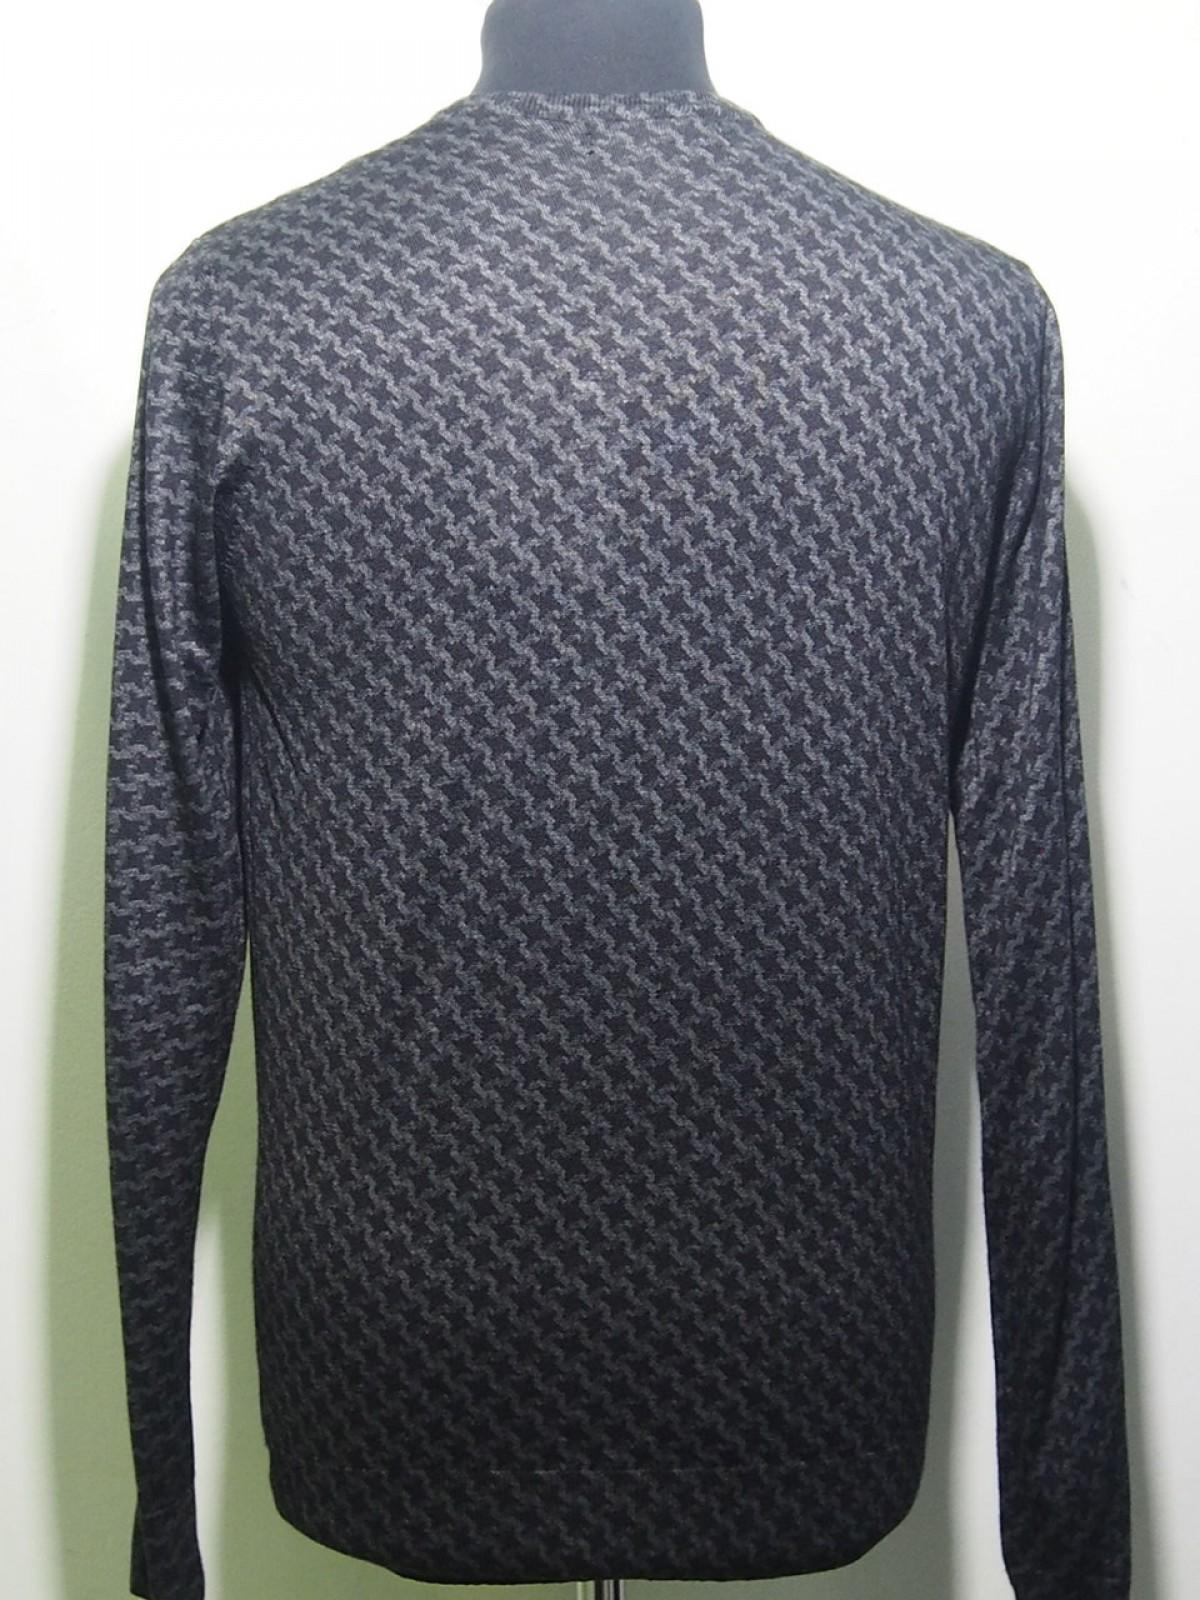 Джемпер мужской Wool & Co 8160 10